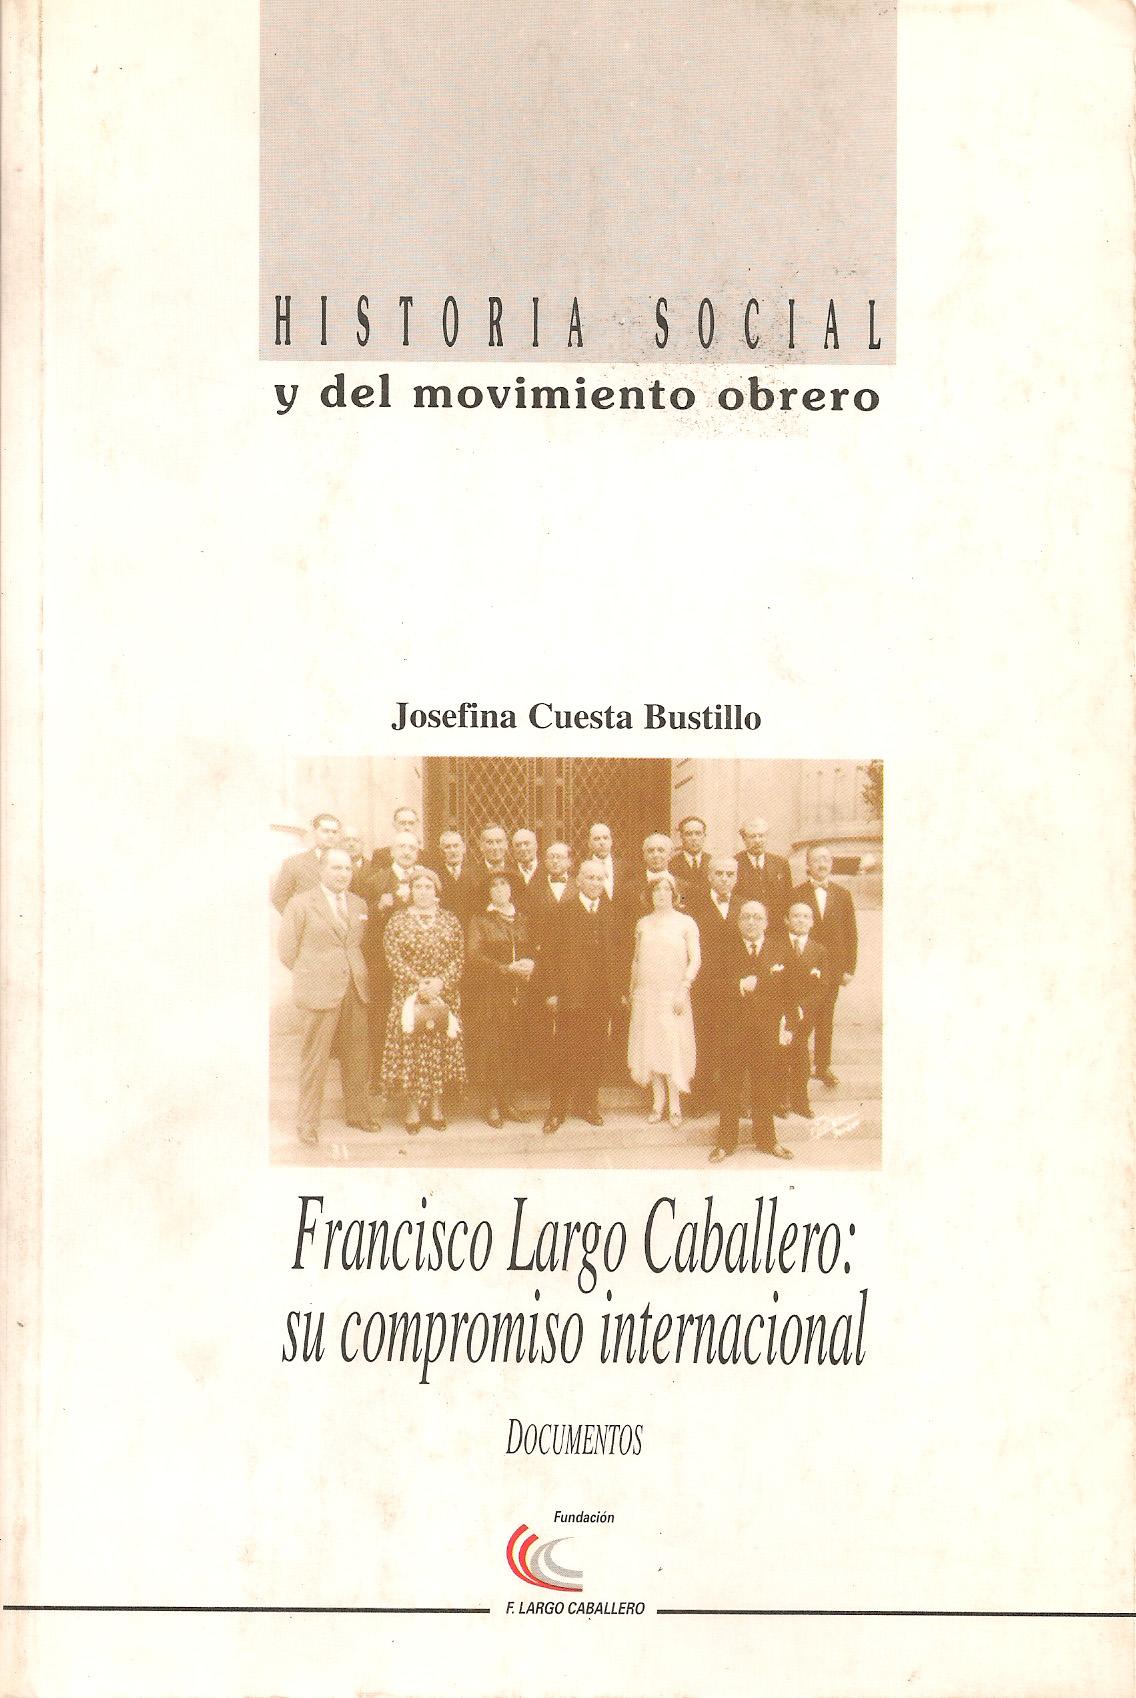 Francisco Largo Caballero: su compromiso internacional